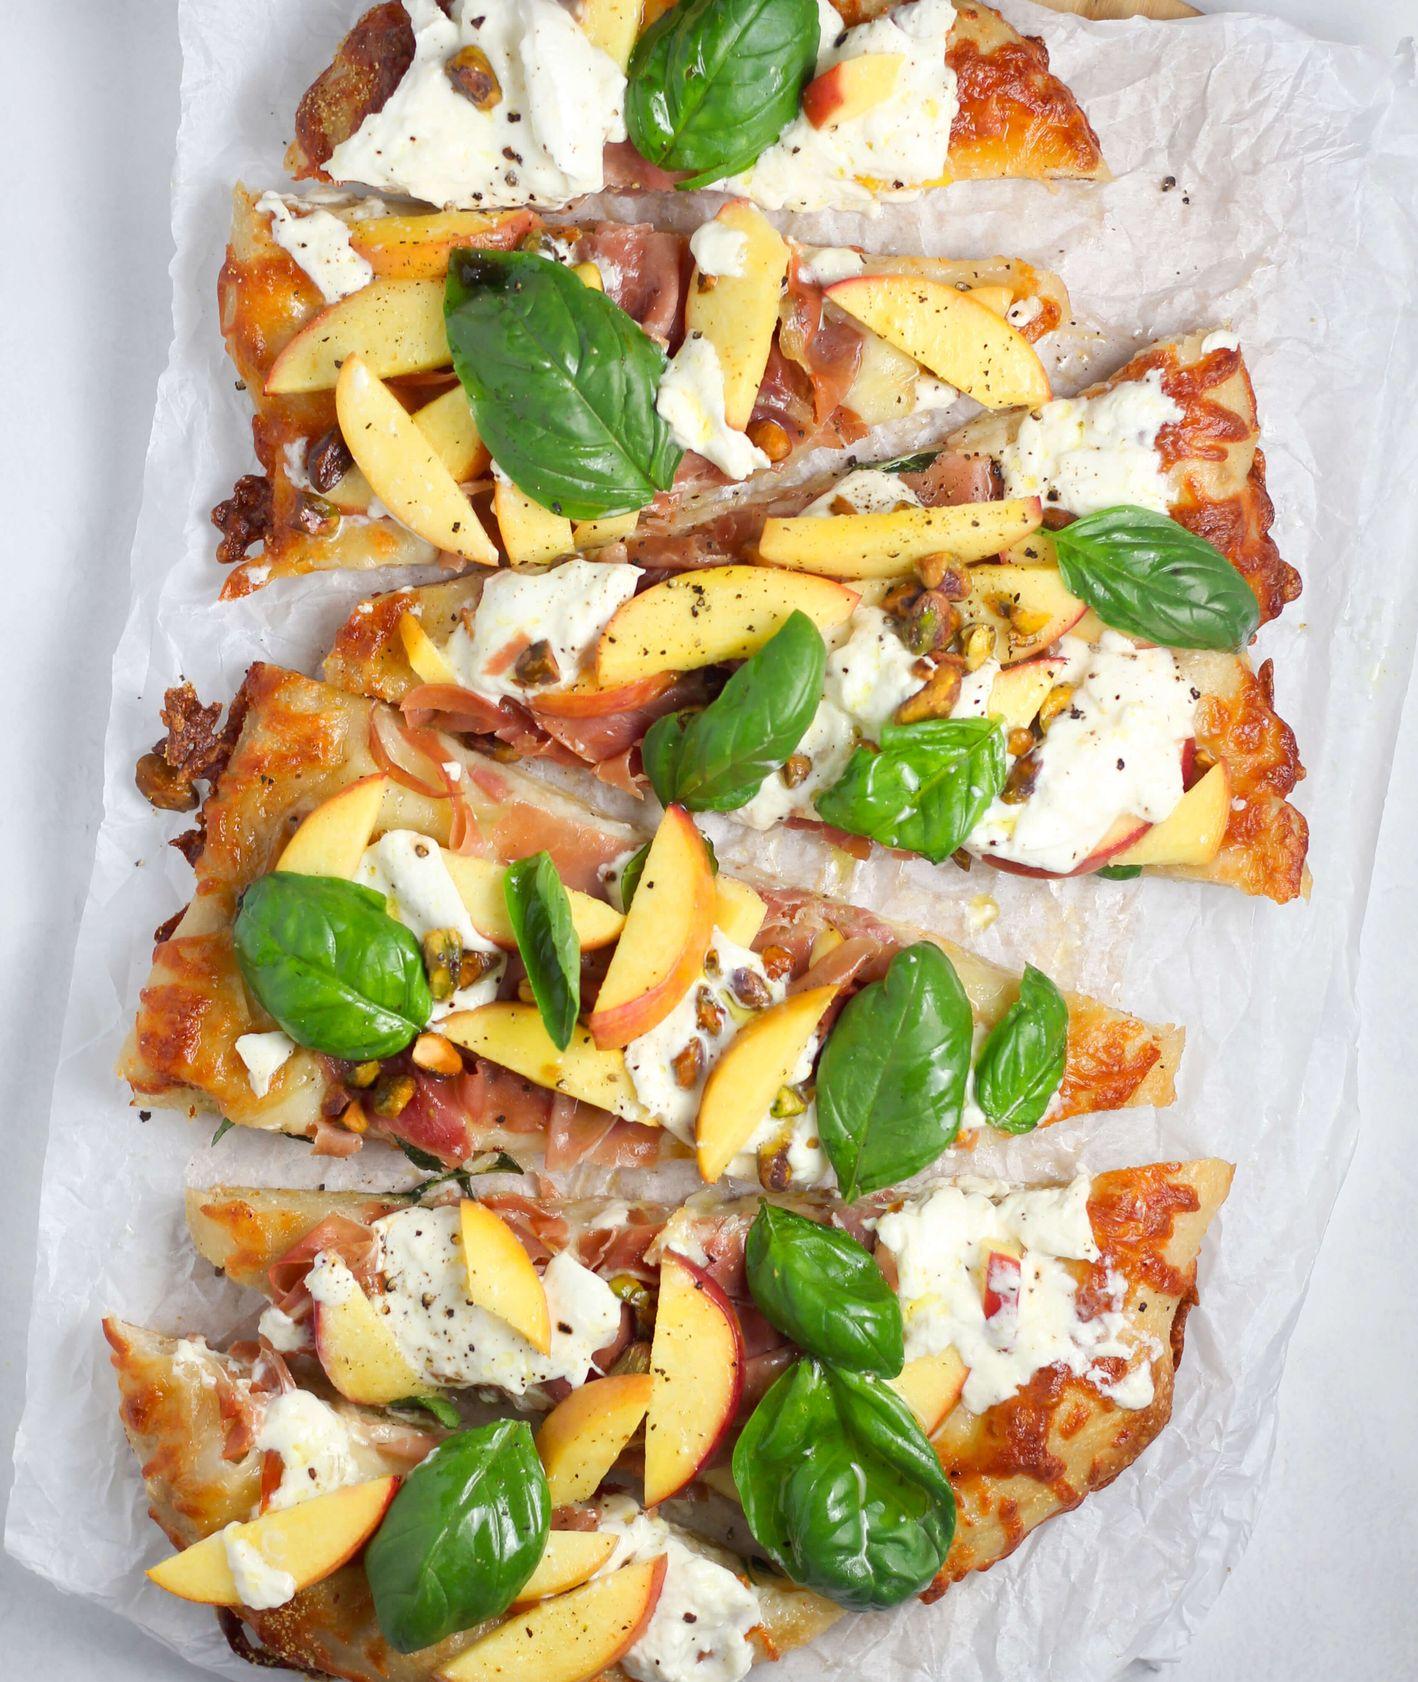 Pieczona pizza z owocami i bazylią (fot. Sheri Silver)